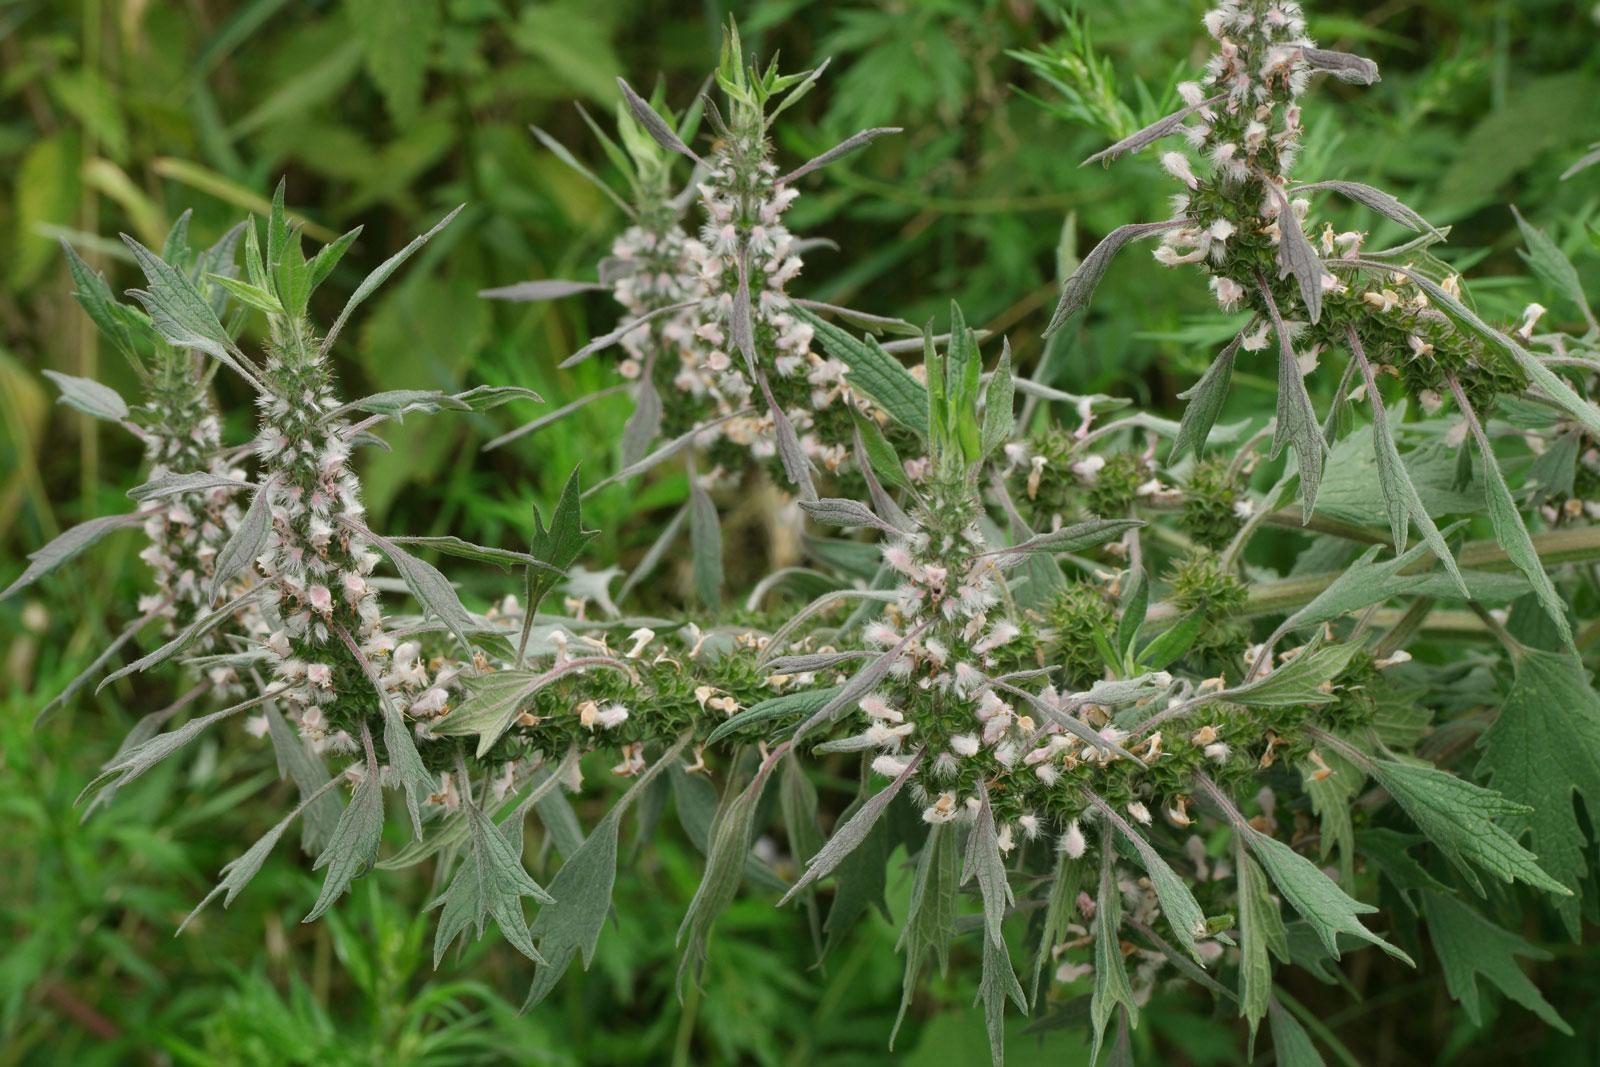 Leonurus quinquelobatus